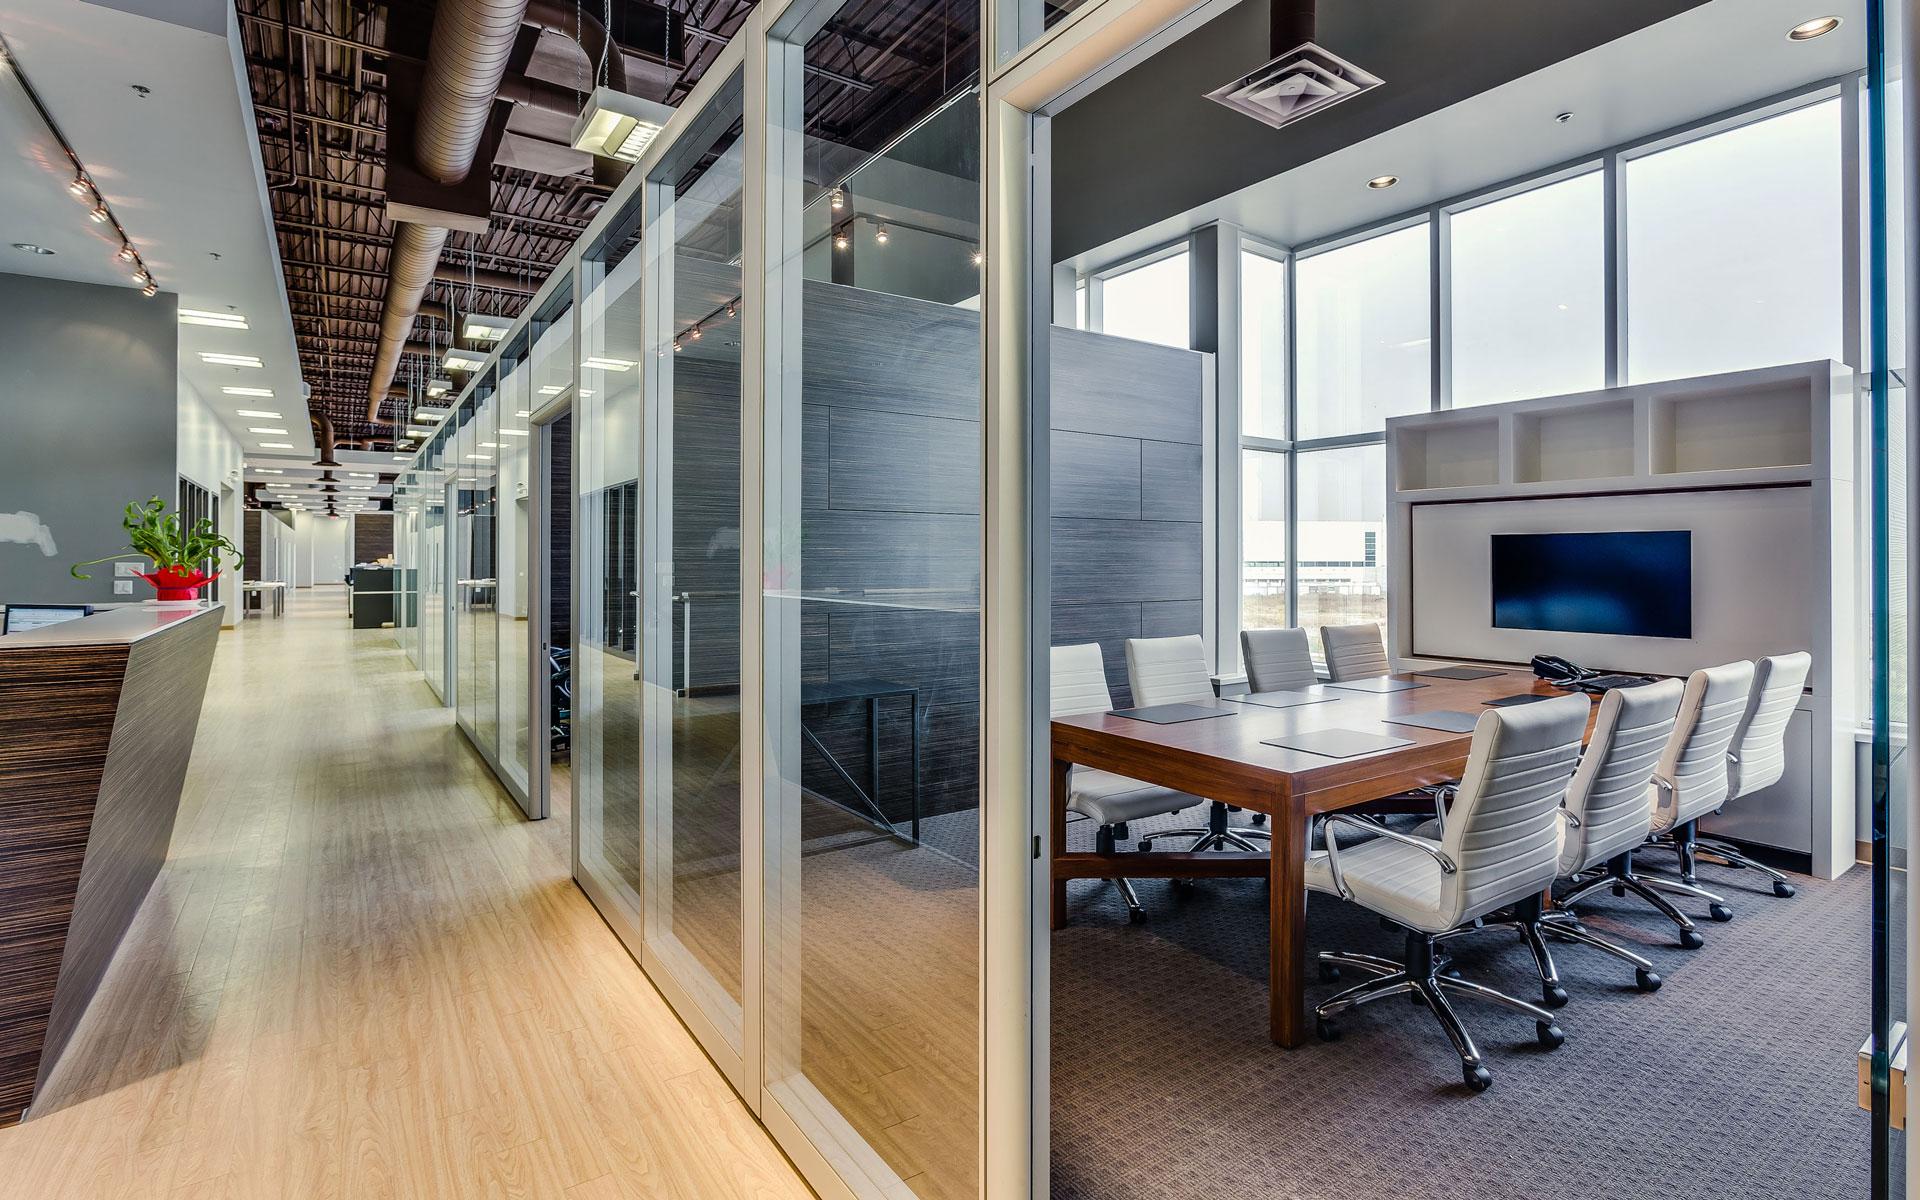 28 frameless glass sliding doors for modular office partiti